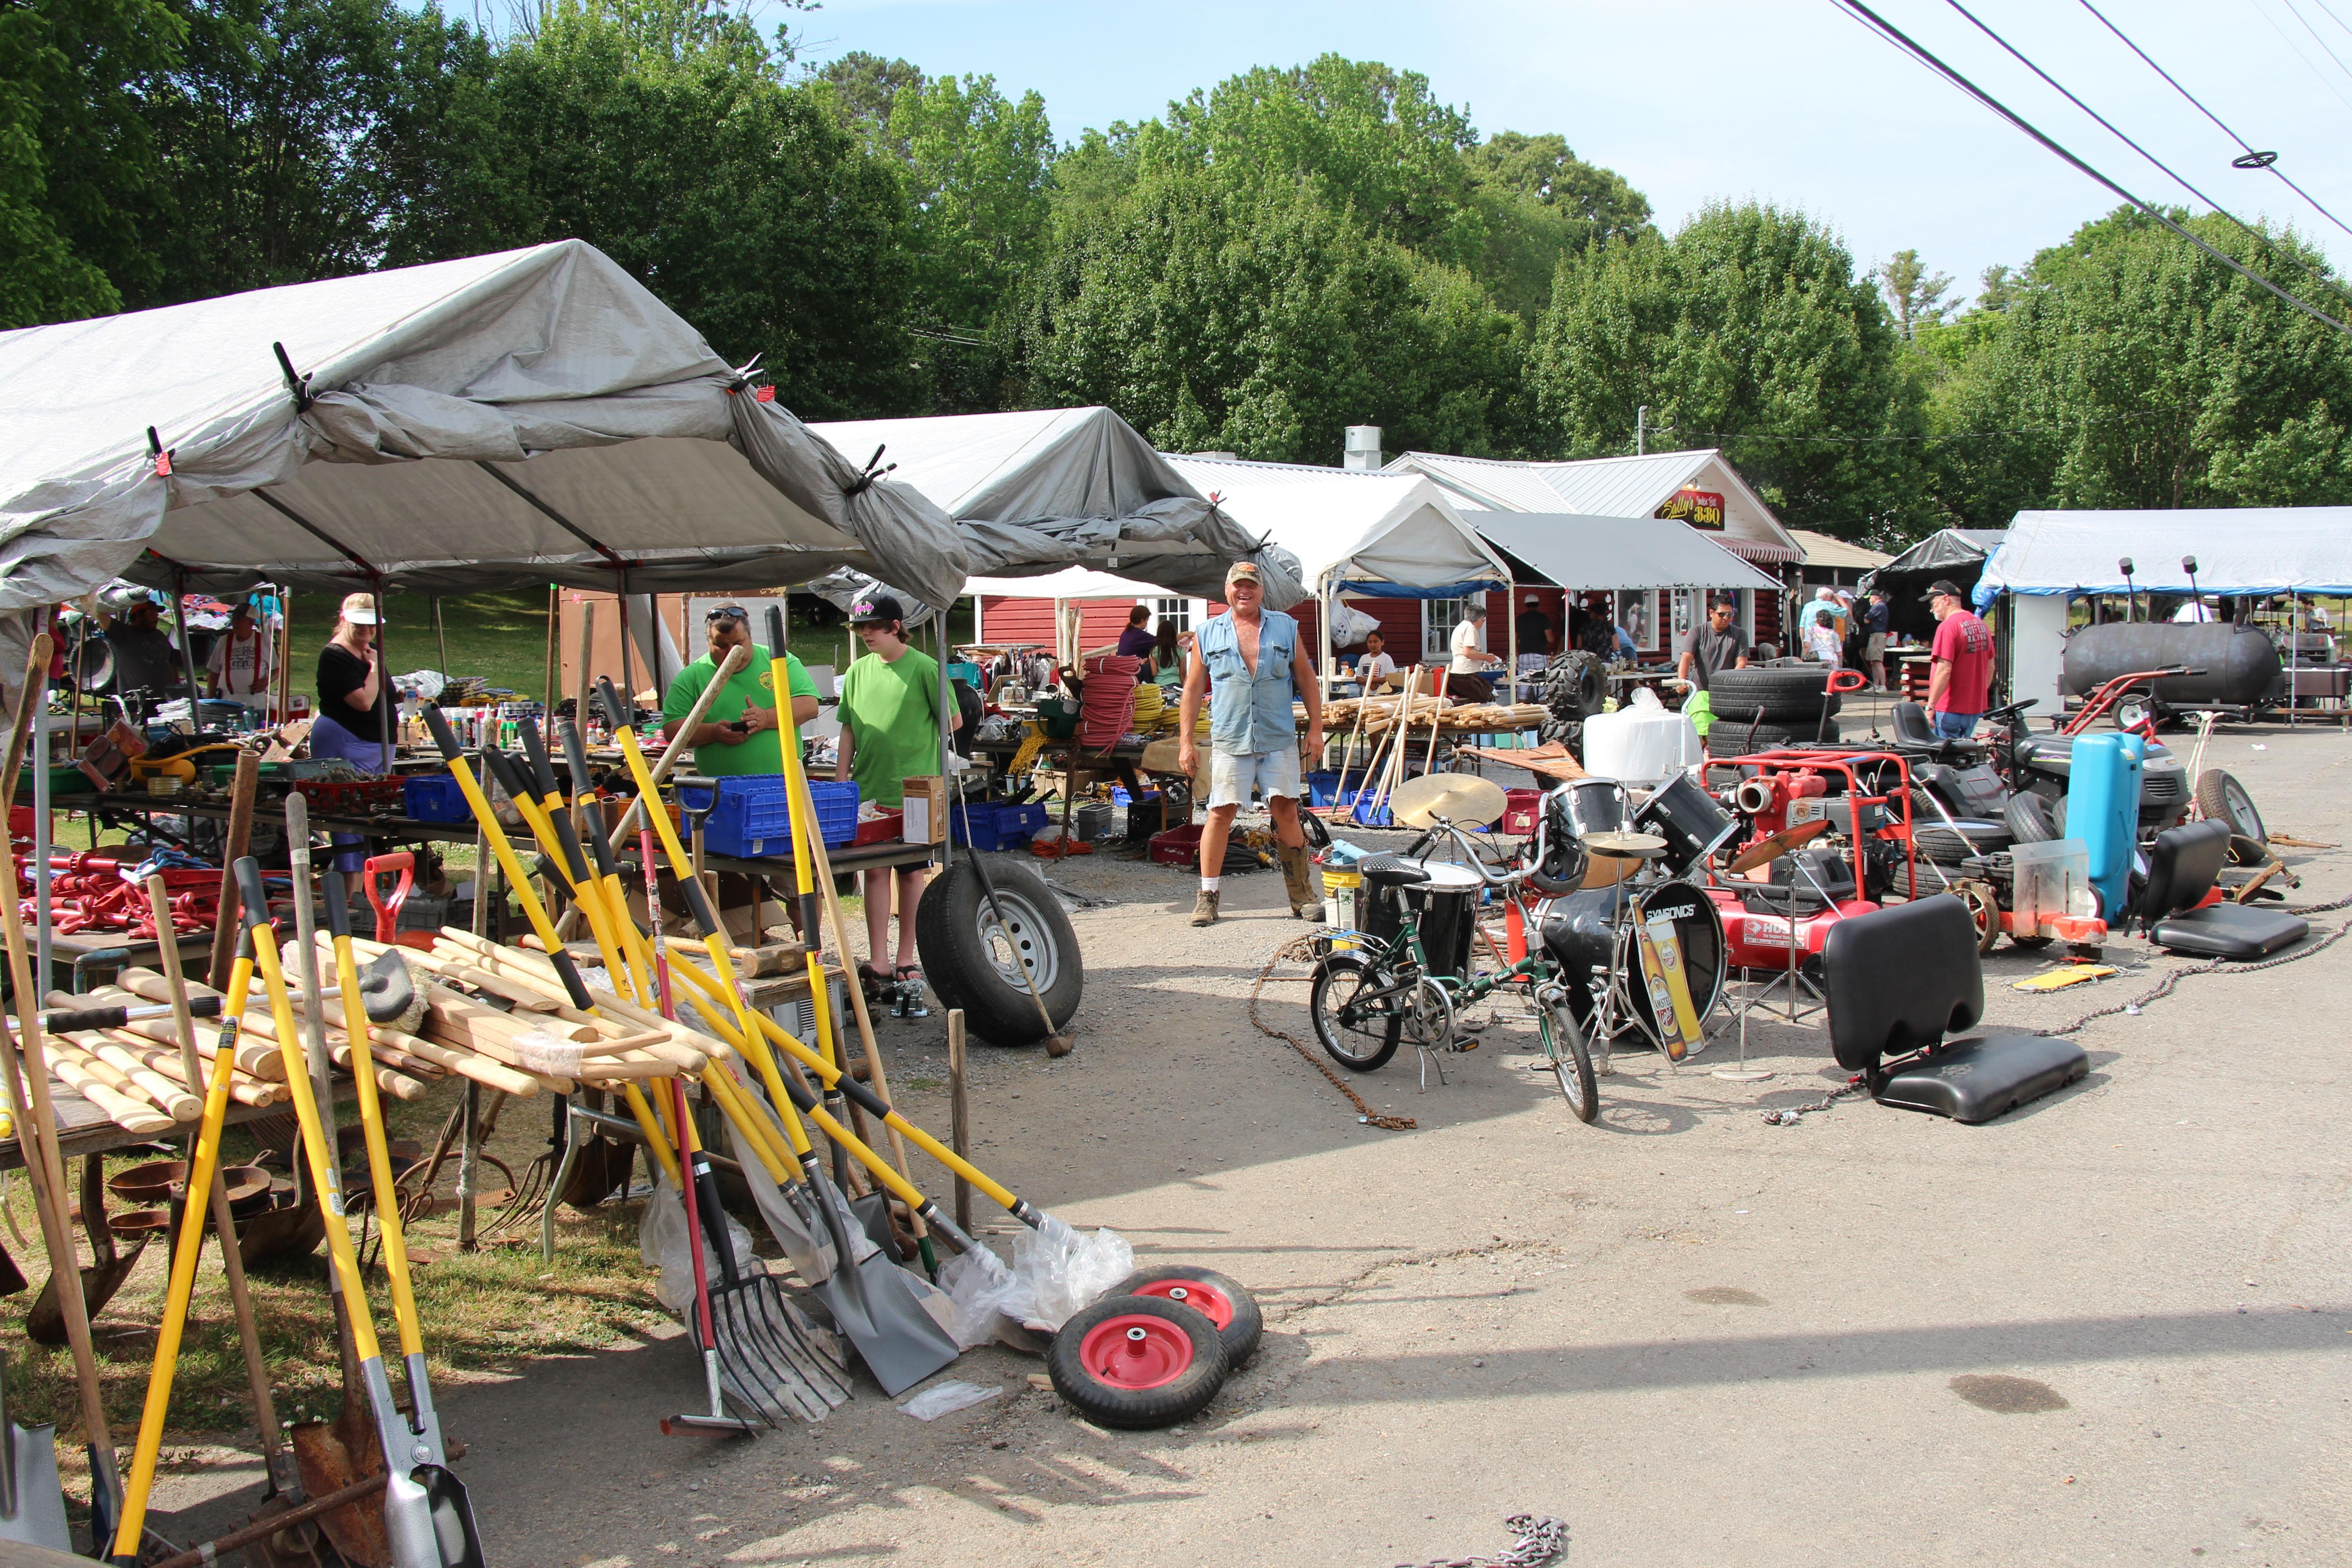 World's Longest Yard Sale kicks off in DeKalb on Thursday